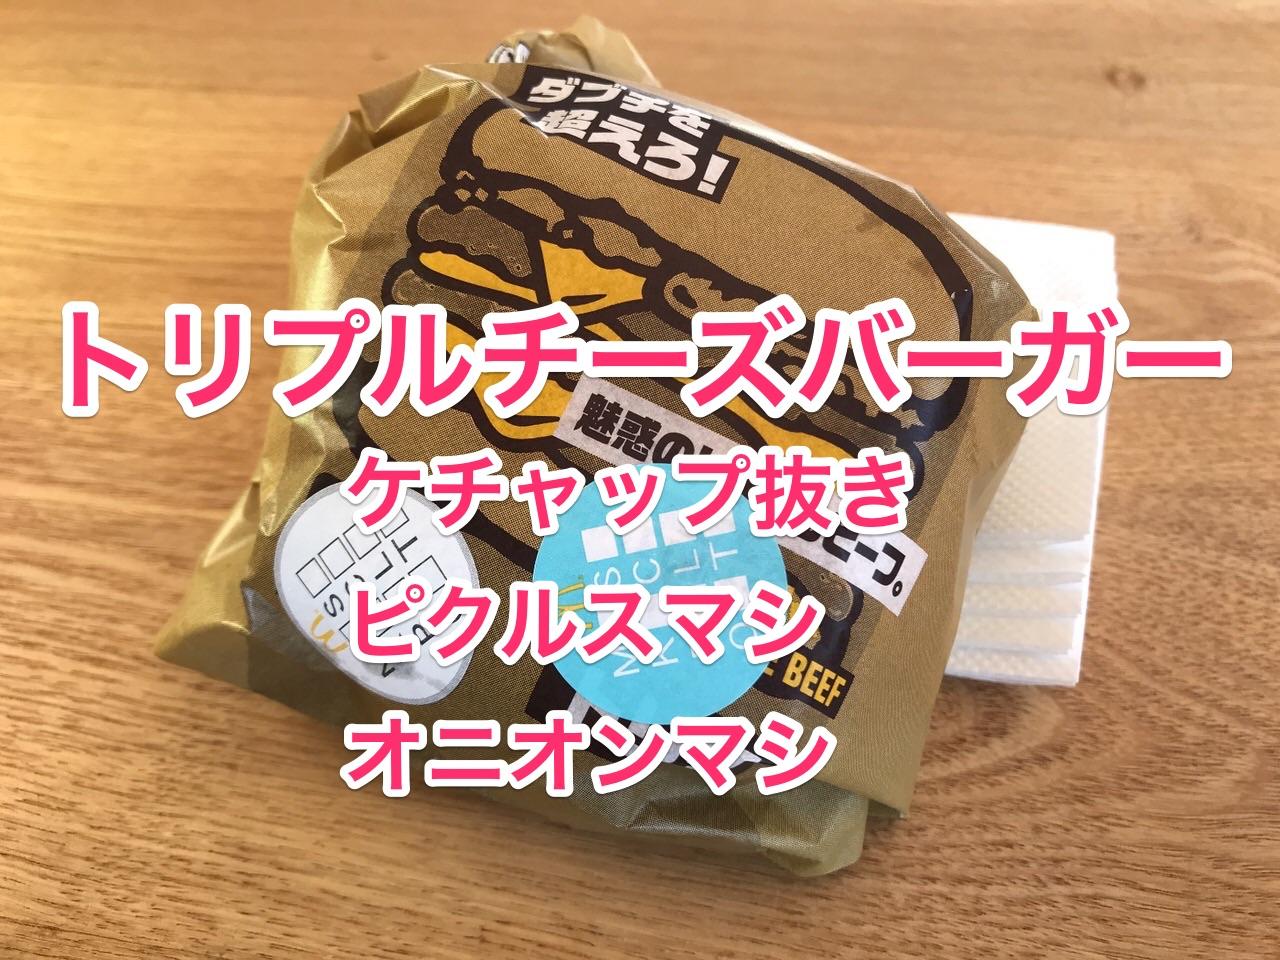 「トリプルチーズバーガー ケチャップ抜き・ピクルスマシ・オニオンマシ」を食べるなら、今!